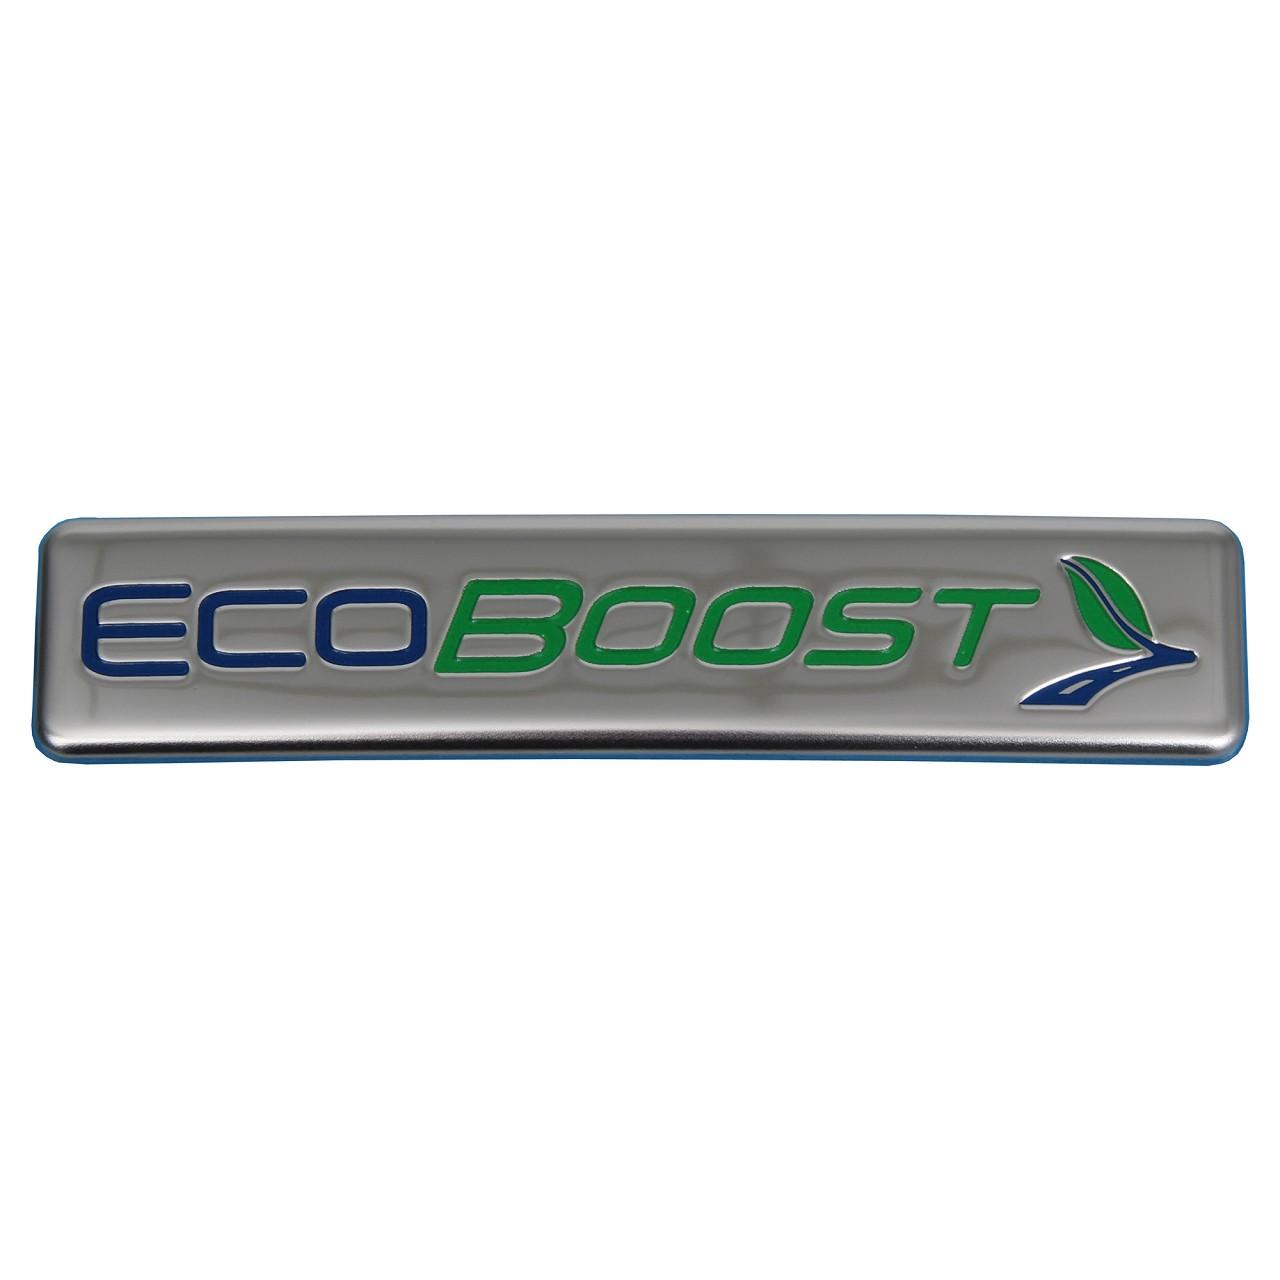 ORIGINAL Ford Emblem Schriftzug Aufkleber ''ecoboost'' Mondeo IV hinten 1836854